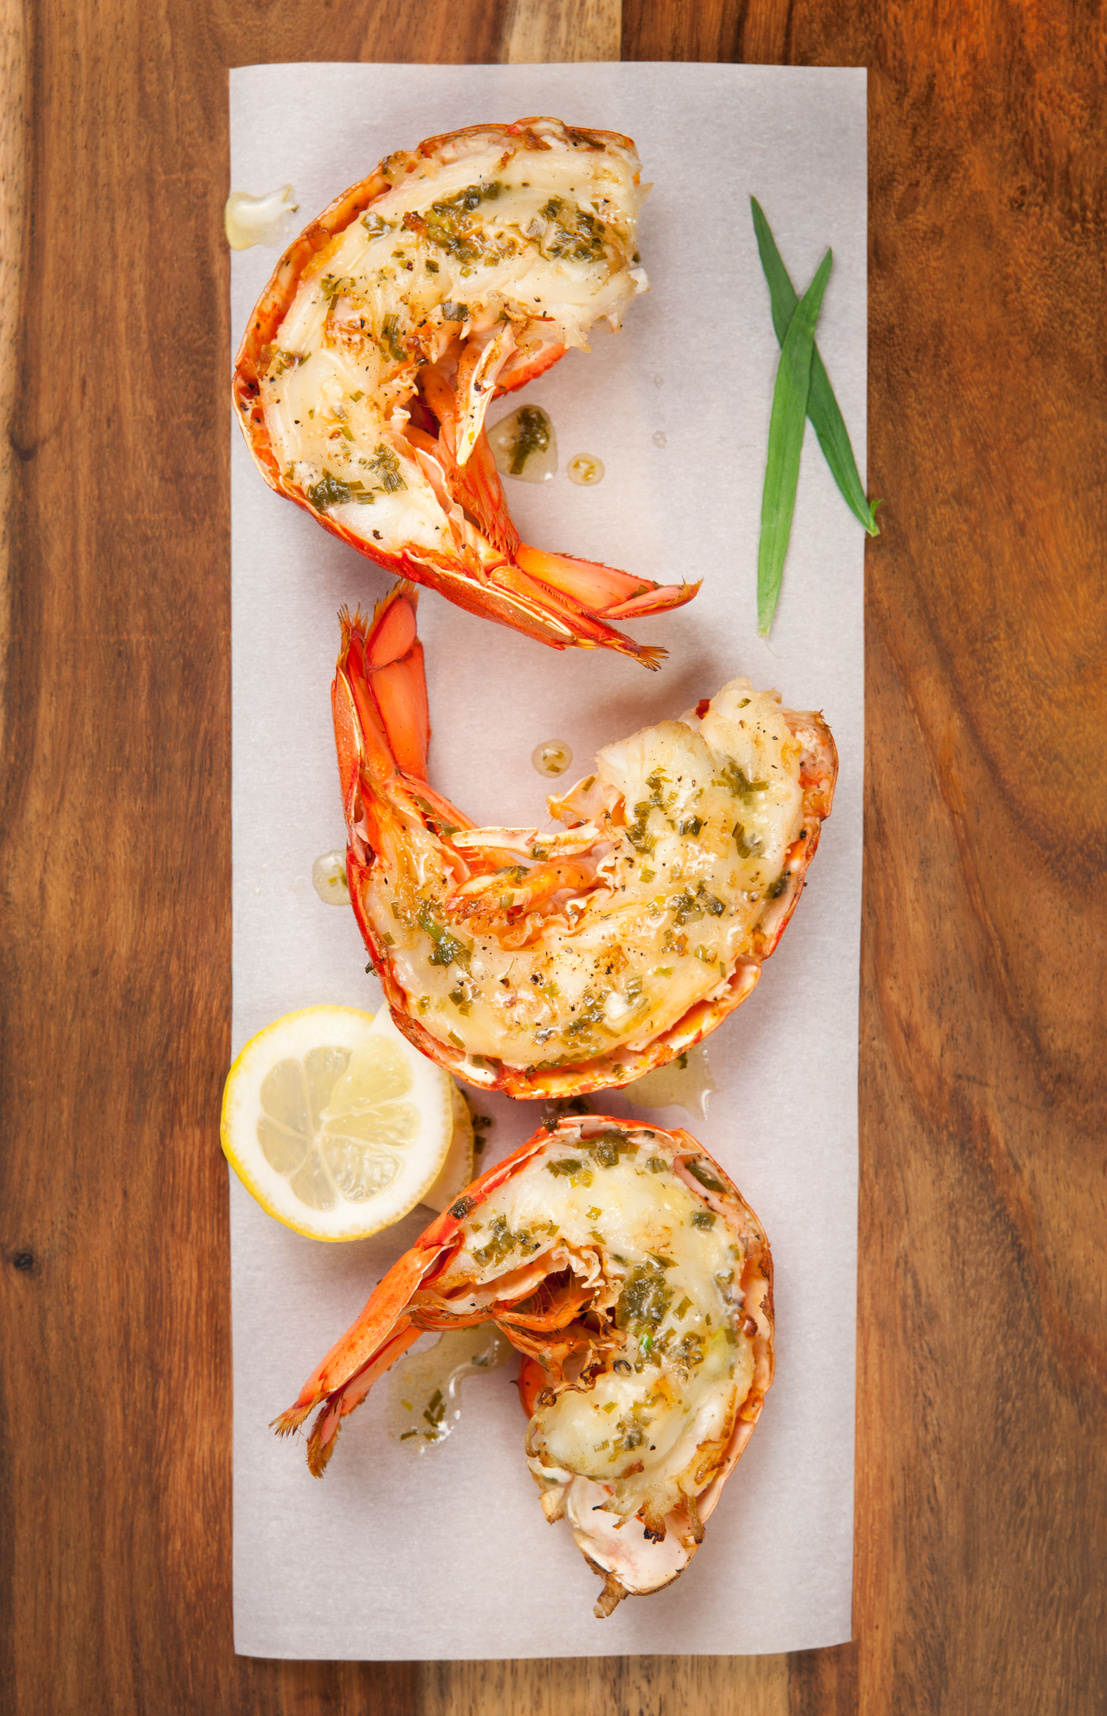 Homard grill l 39 estragon une recette toute simple pour - Recette homard grille ...